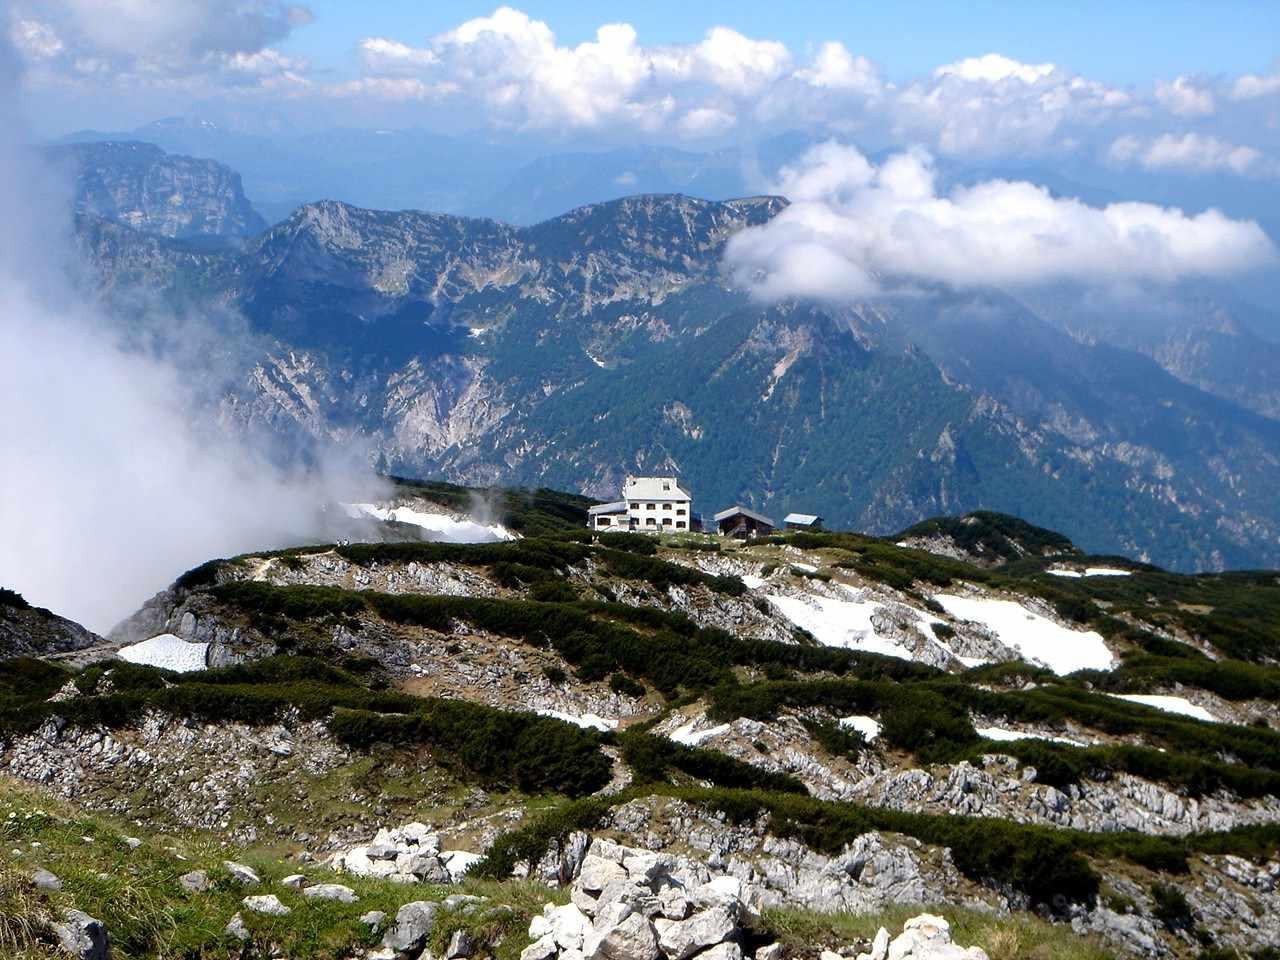 Foto: Manfred Karl / Wander Tour / Von Bischofswiesen auf den Berchtesgadener Hochthron / Stöhrhaus vom Gipfel gegen das Lattengebirge. / 17.05.2007 20:52:58